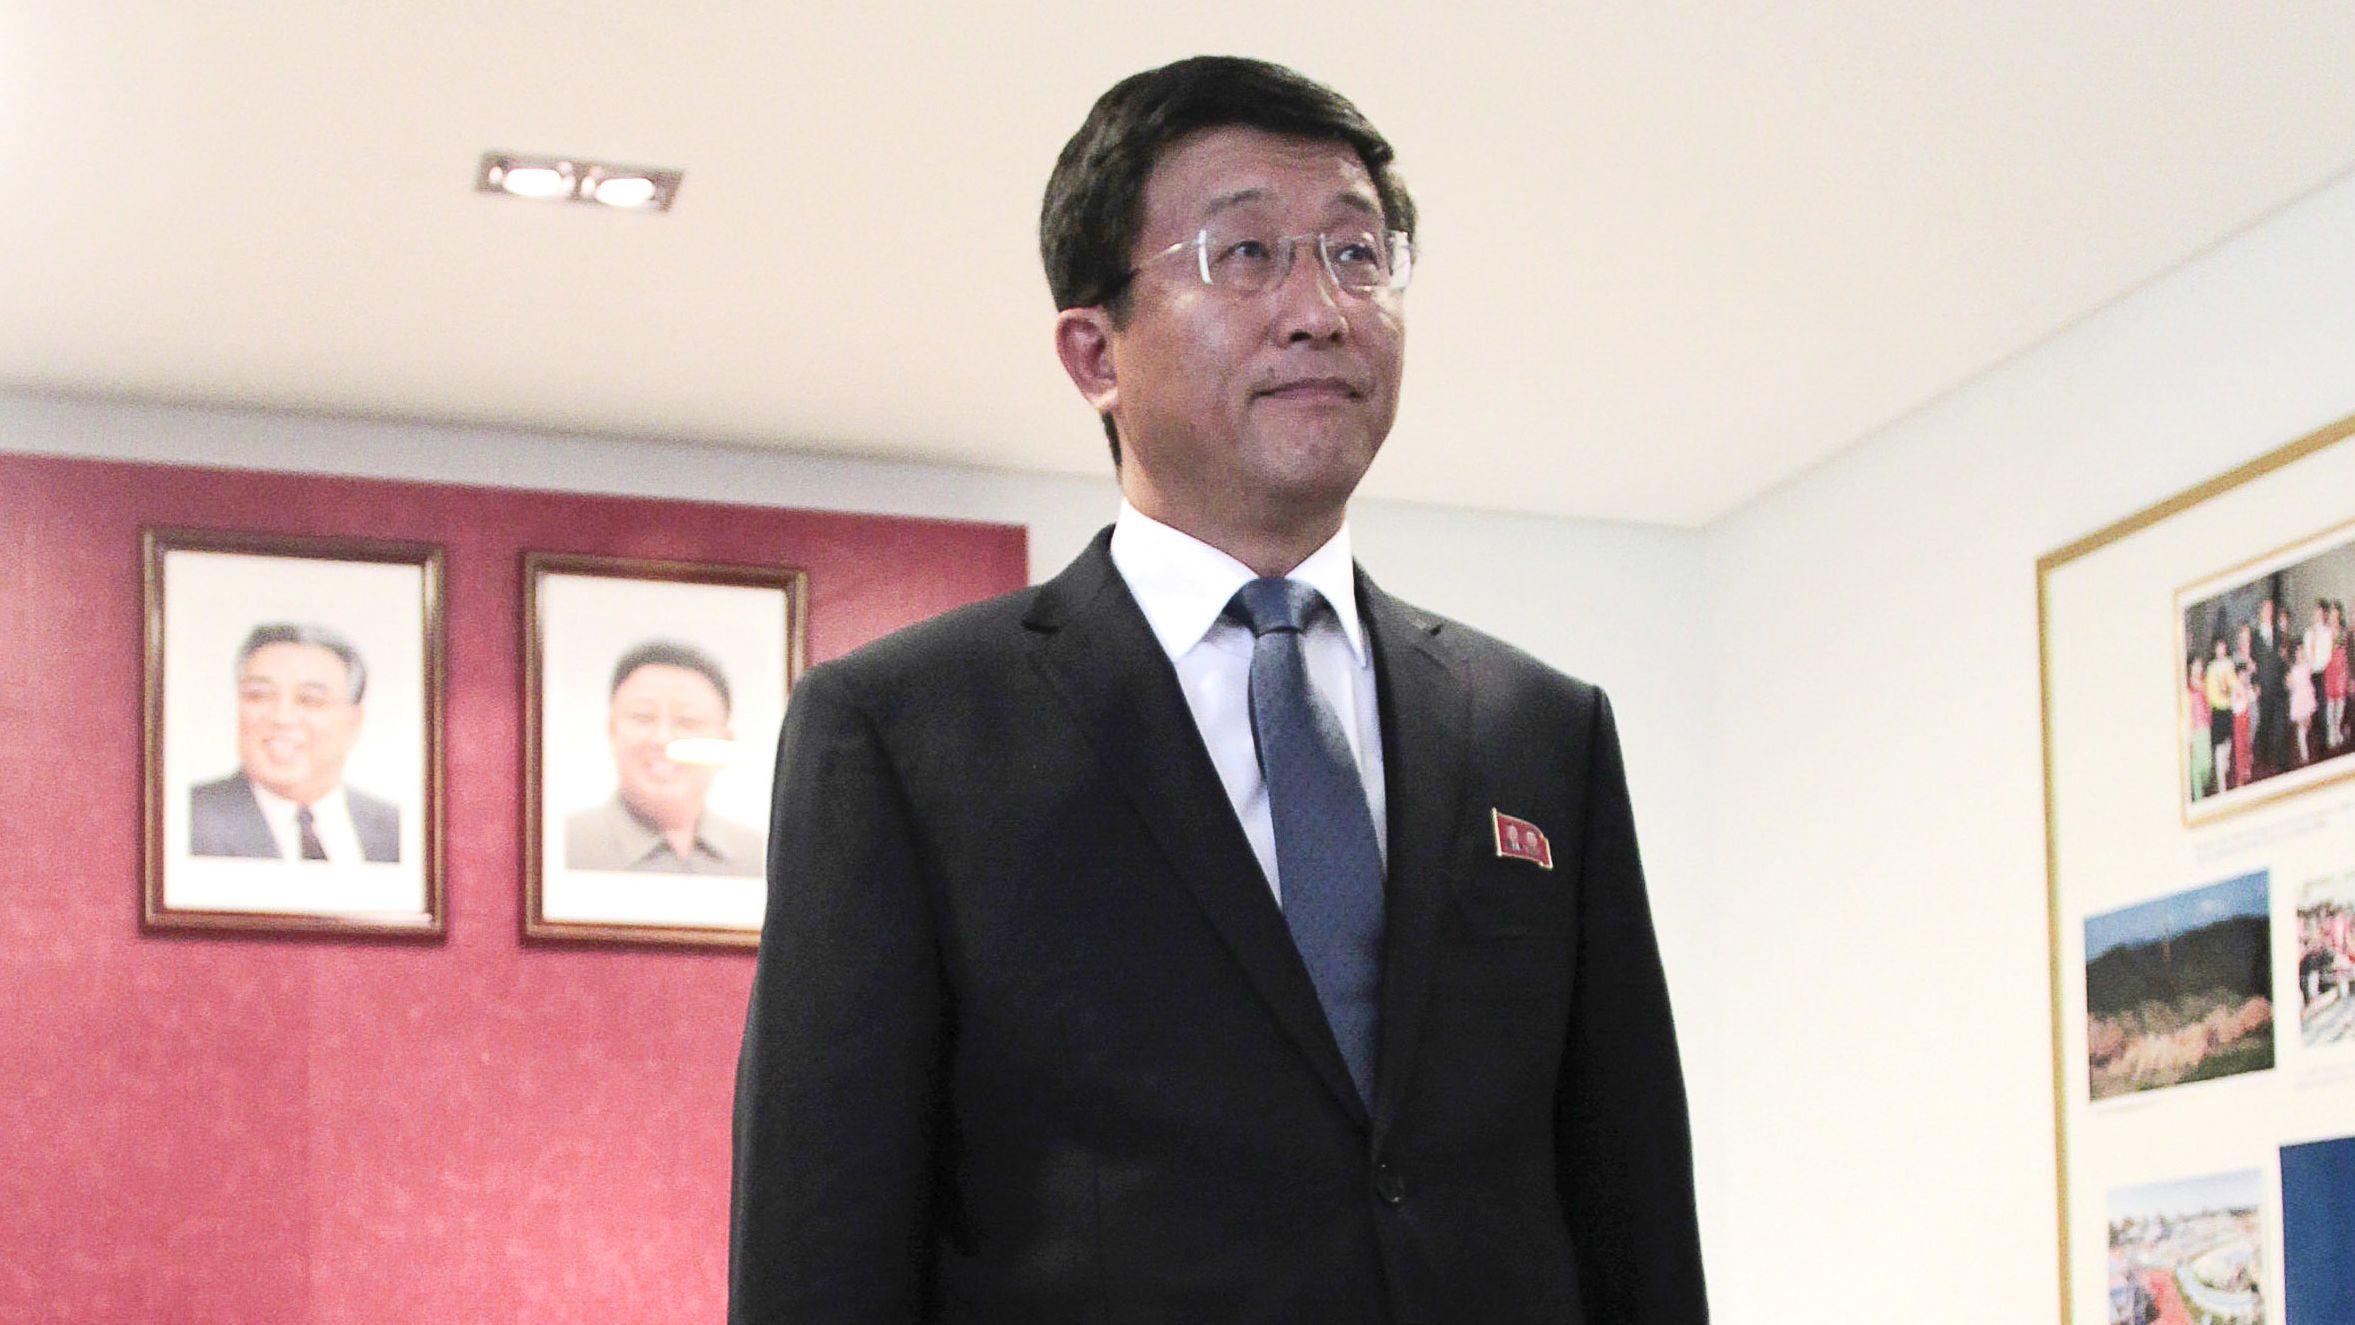 Nordkoreas US-Sondergesandter Kim Hyok Chol bei einer Pressekonferenz in Madrid